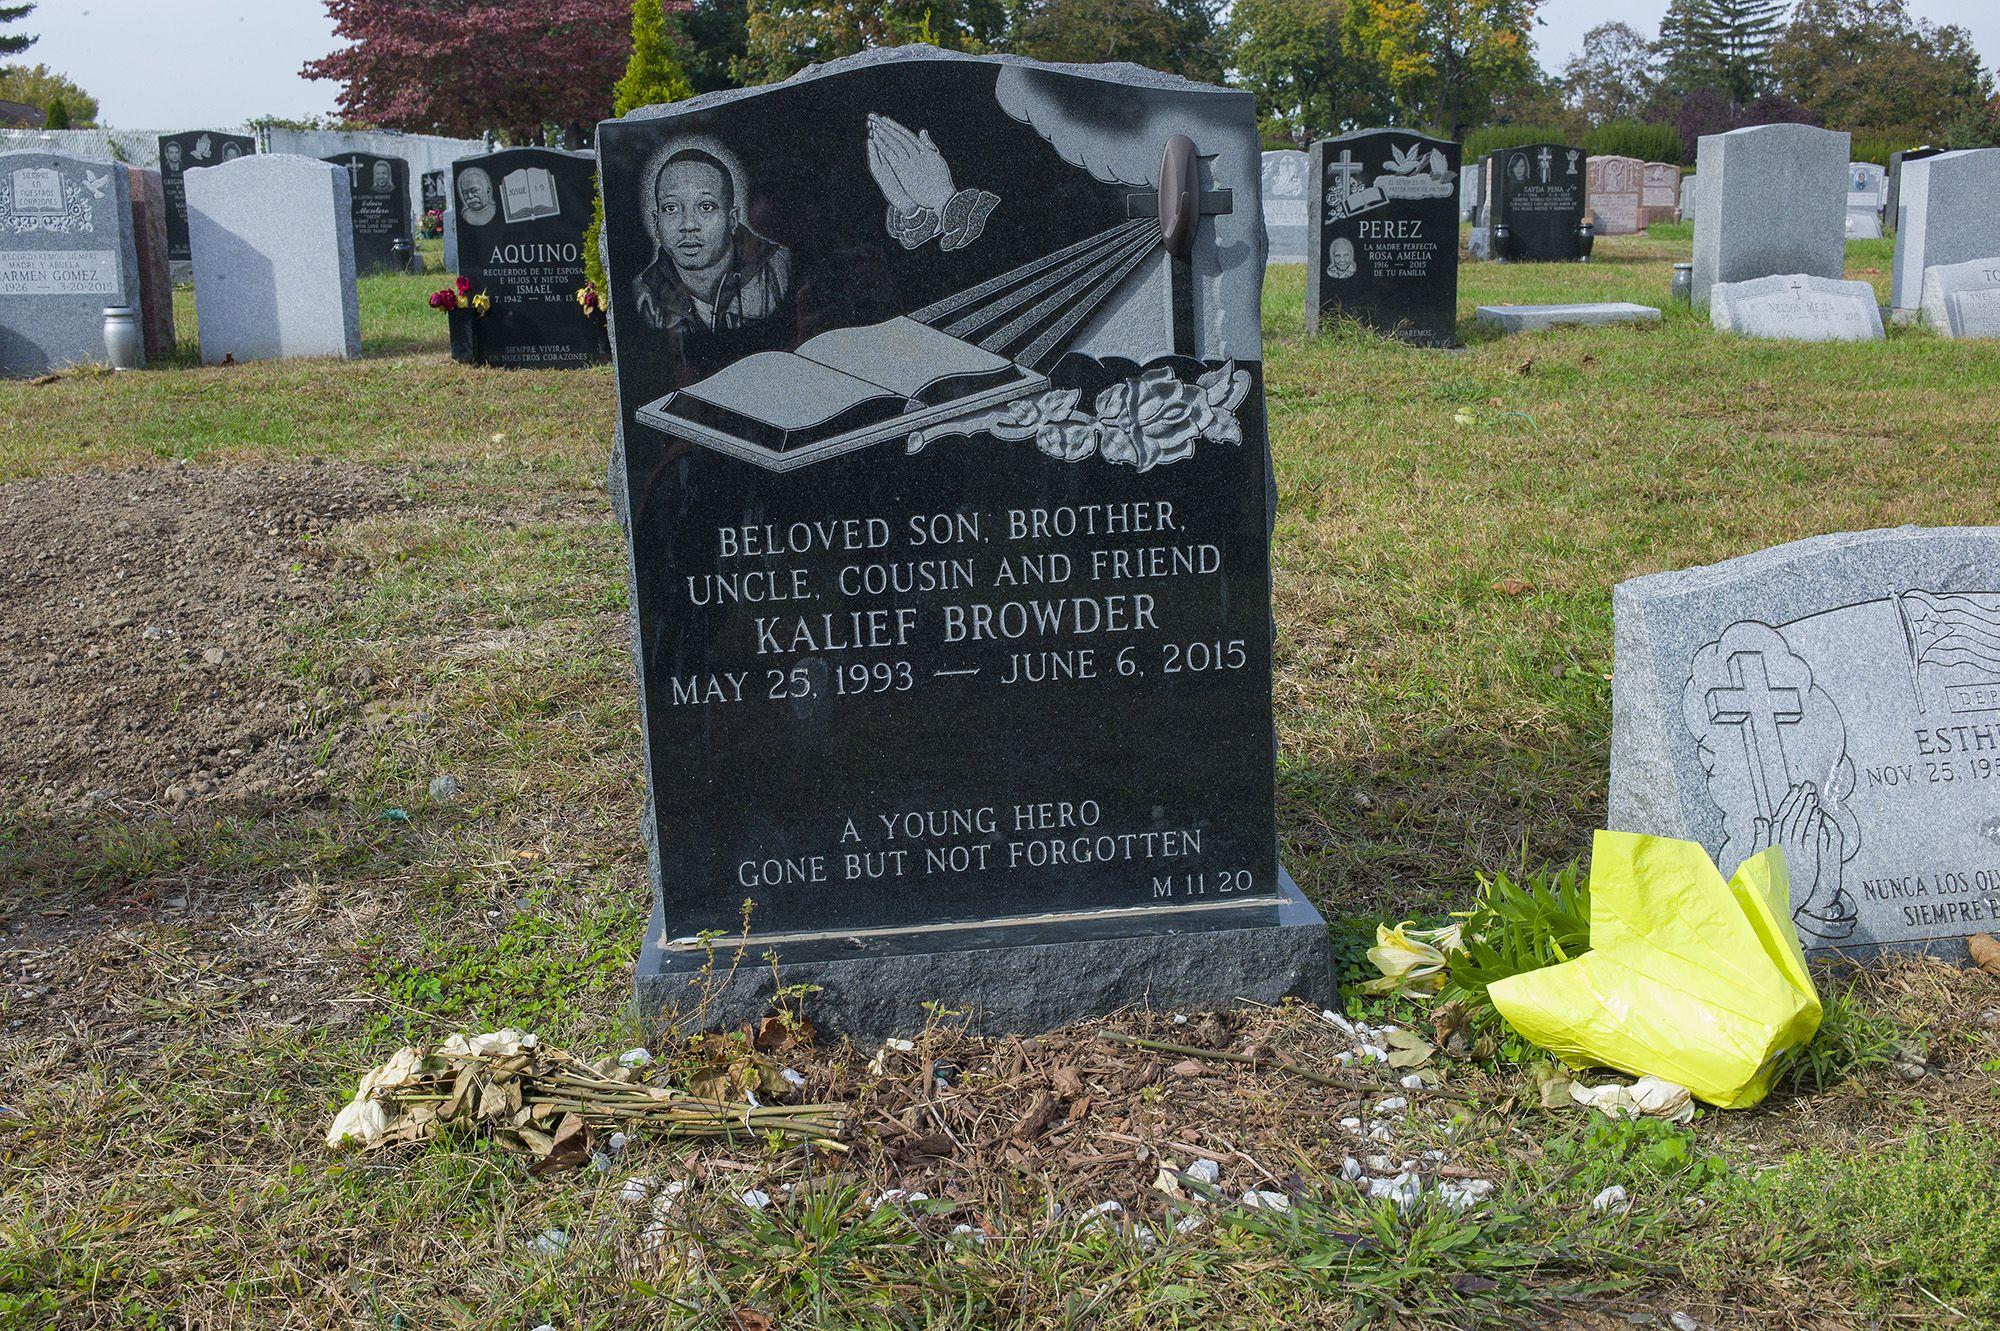 Kalief sírja New Jerseyben (fotó: Andrew Lichtenstein/Corbis via Getty Images)